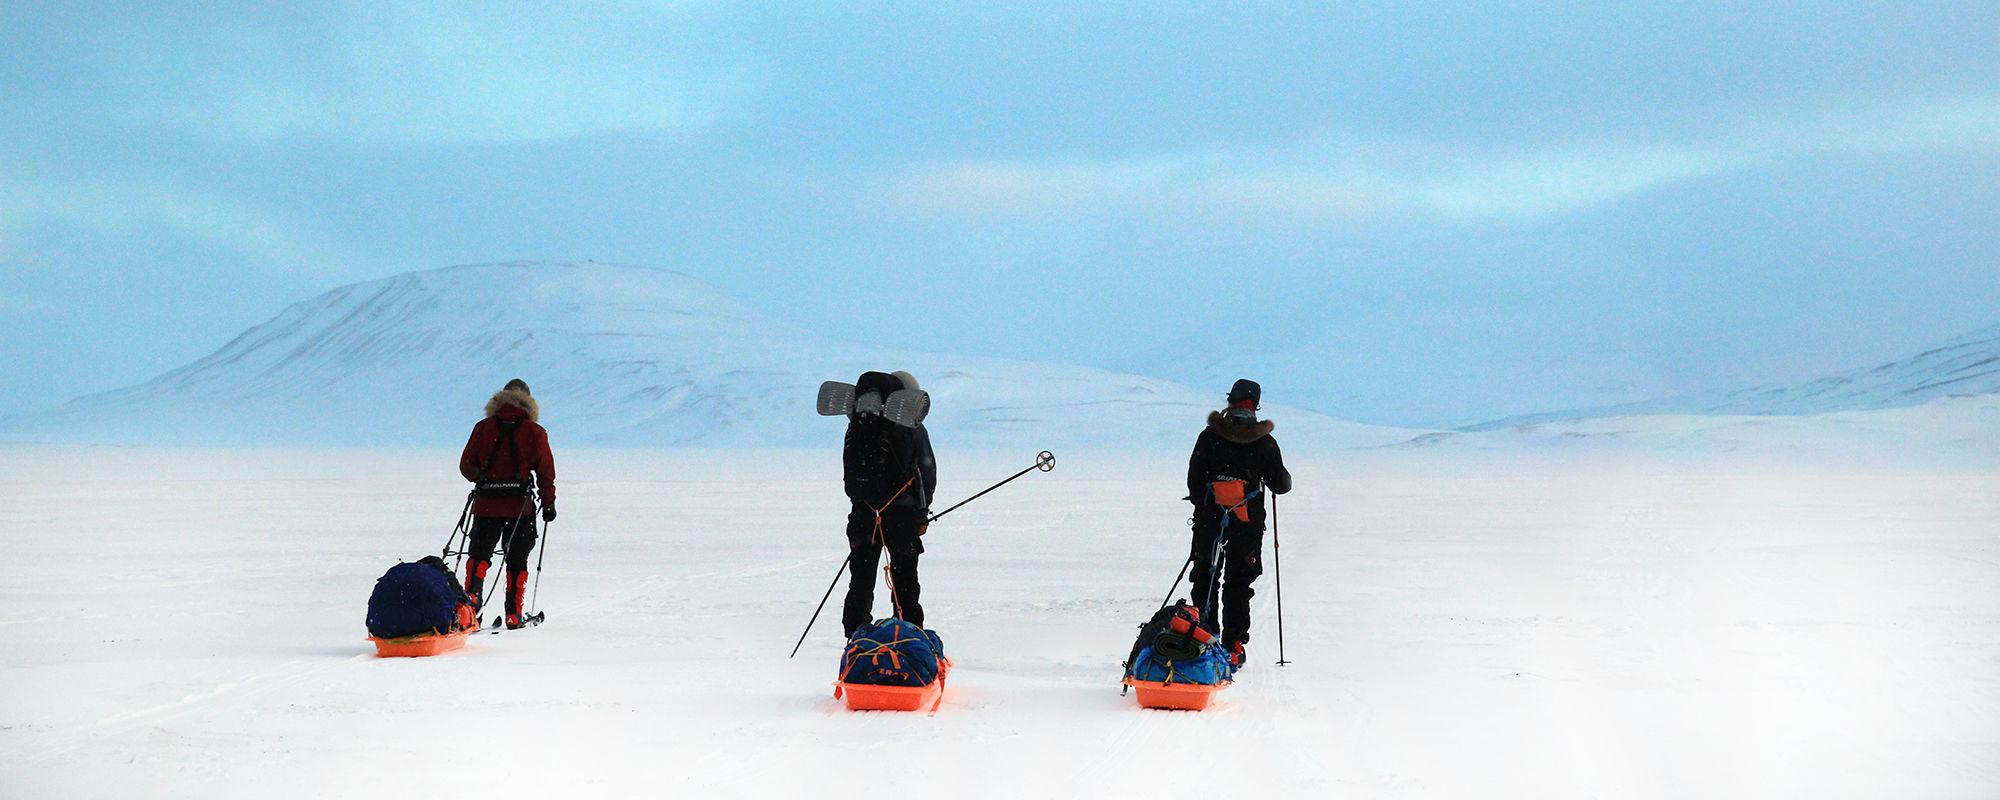 Ski Trip in Svalbard